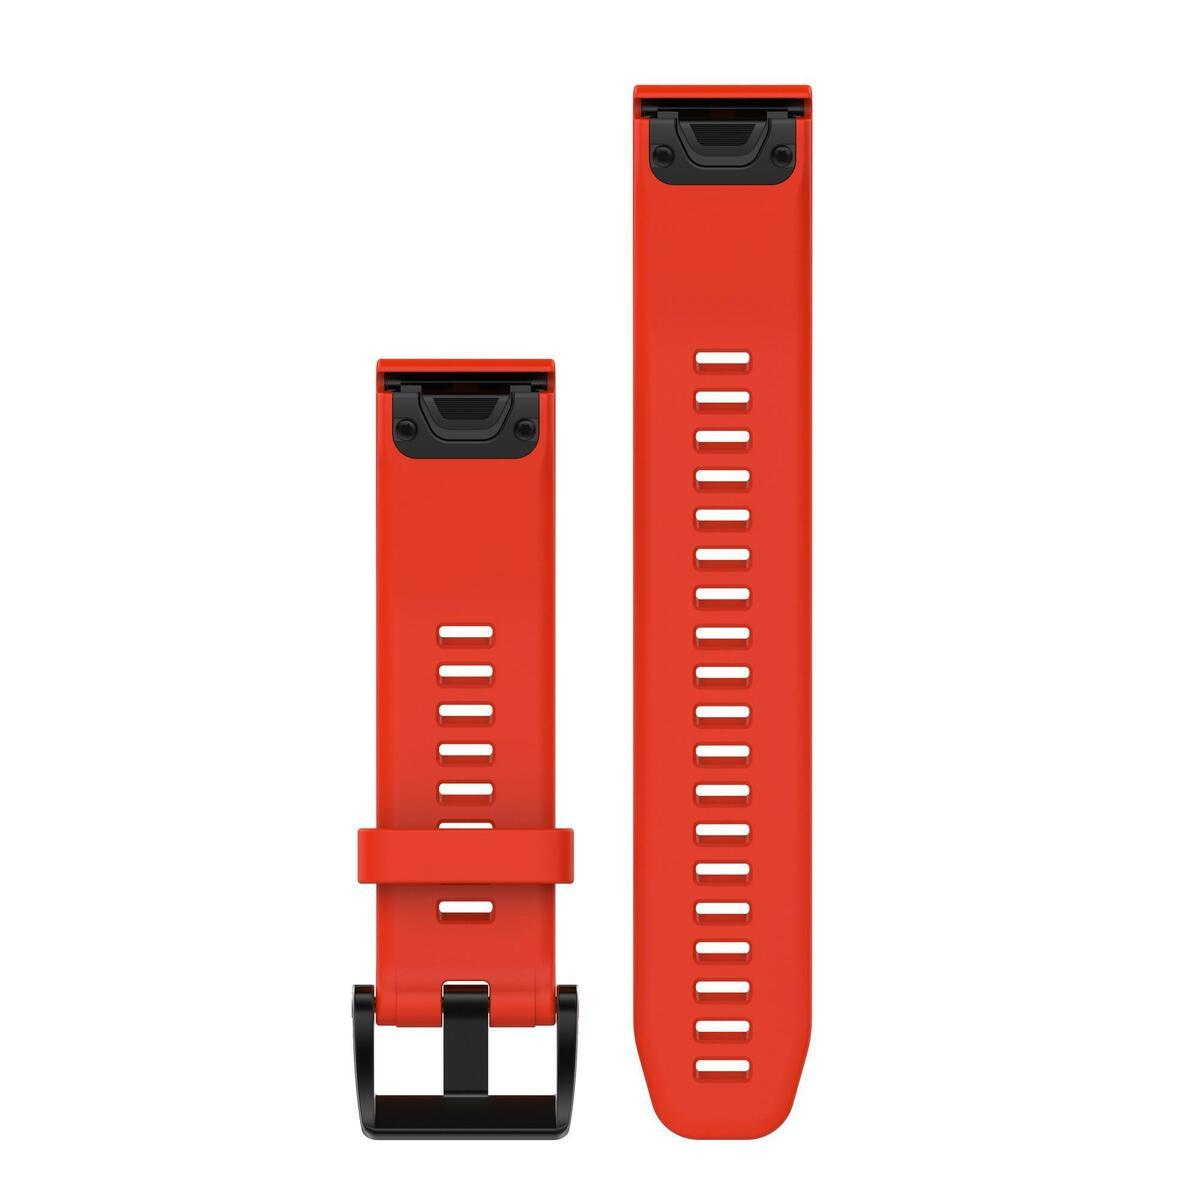 Bild 2 von Uhrenarmband für GPS-Uhr Fenix 5 rot Breite 22 mm